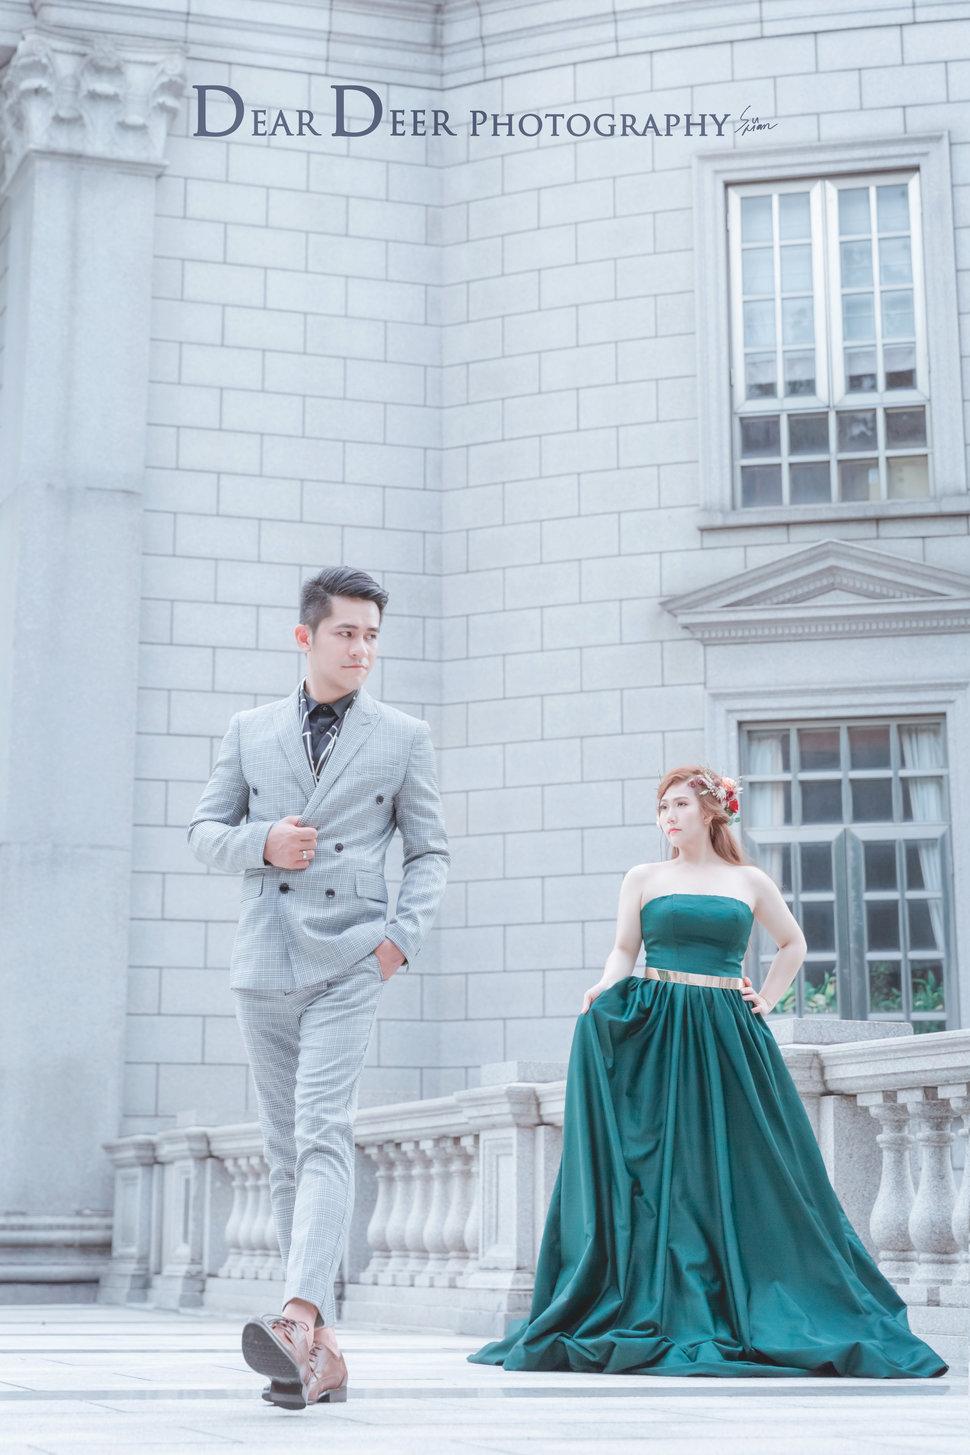 Dear Deer|Vogue時尚雜誌風(編號:2155021) - Dear Deer鹿兒攝影|女攝影師蘇蔓《結婚吧》